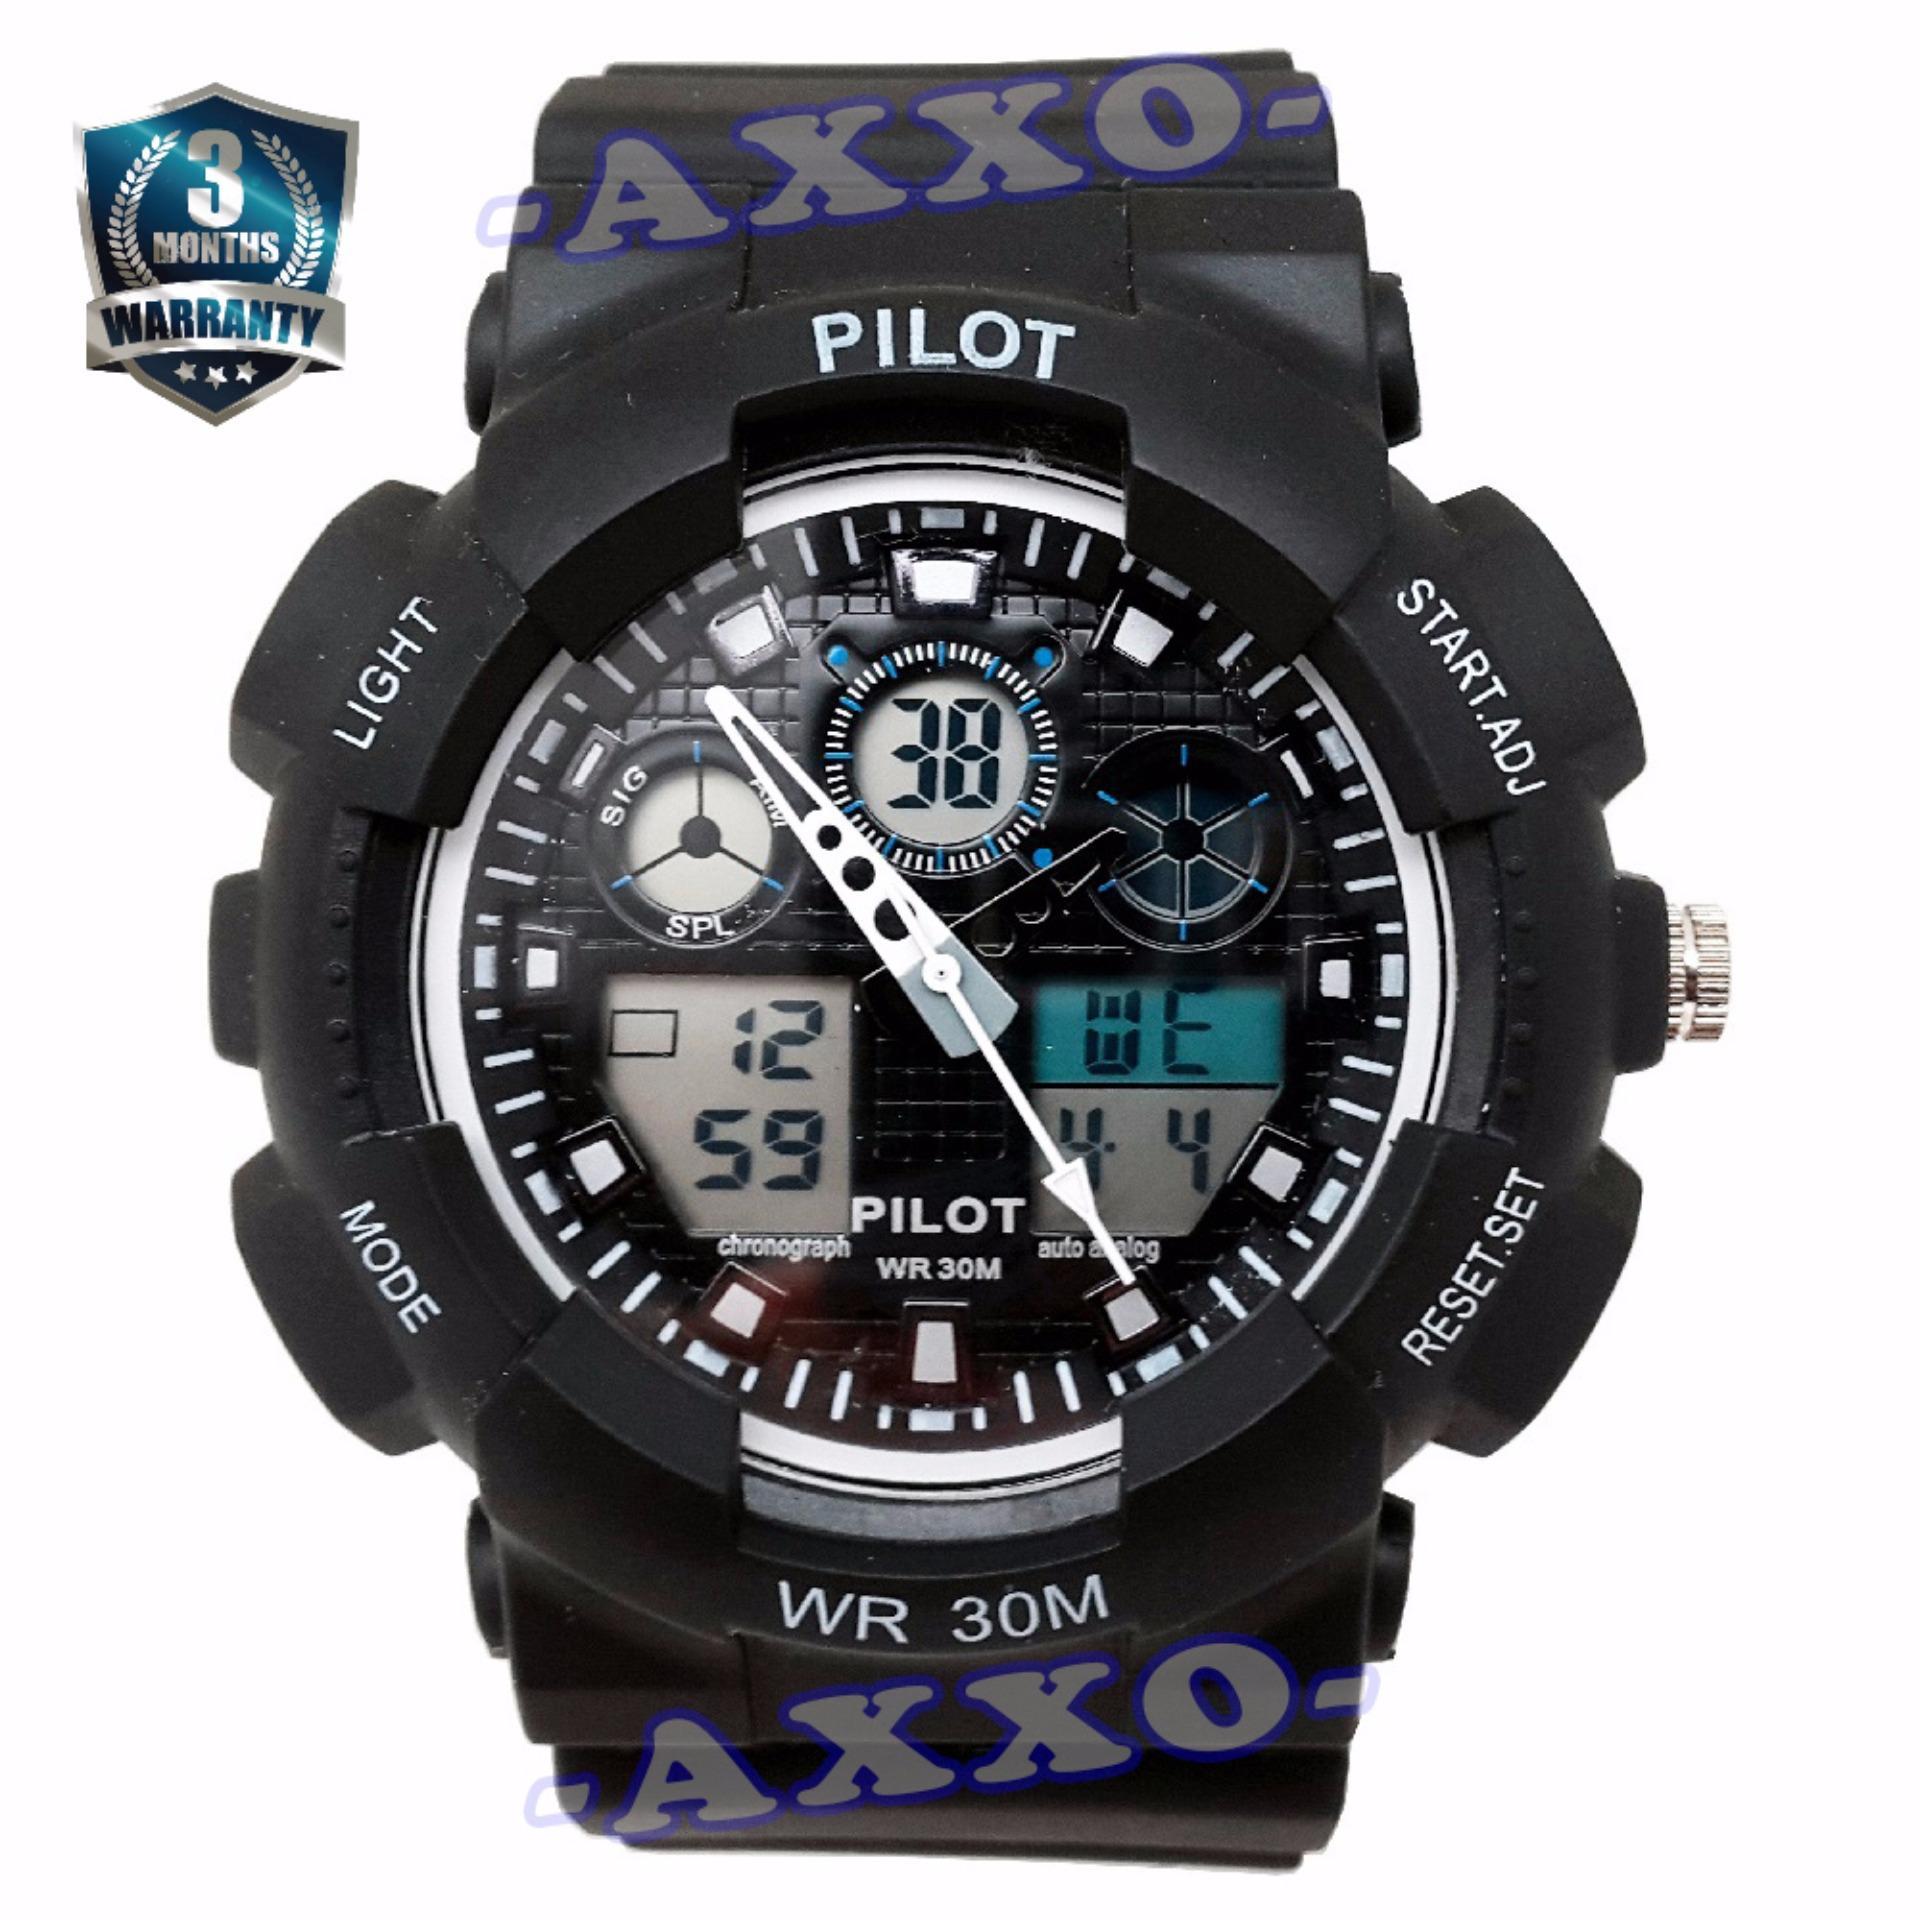 Beli Pilot Waterproof Digital Sport Jam Tangan Pria Strap Karet Hitam Putih Plt 1145 Cicil